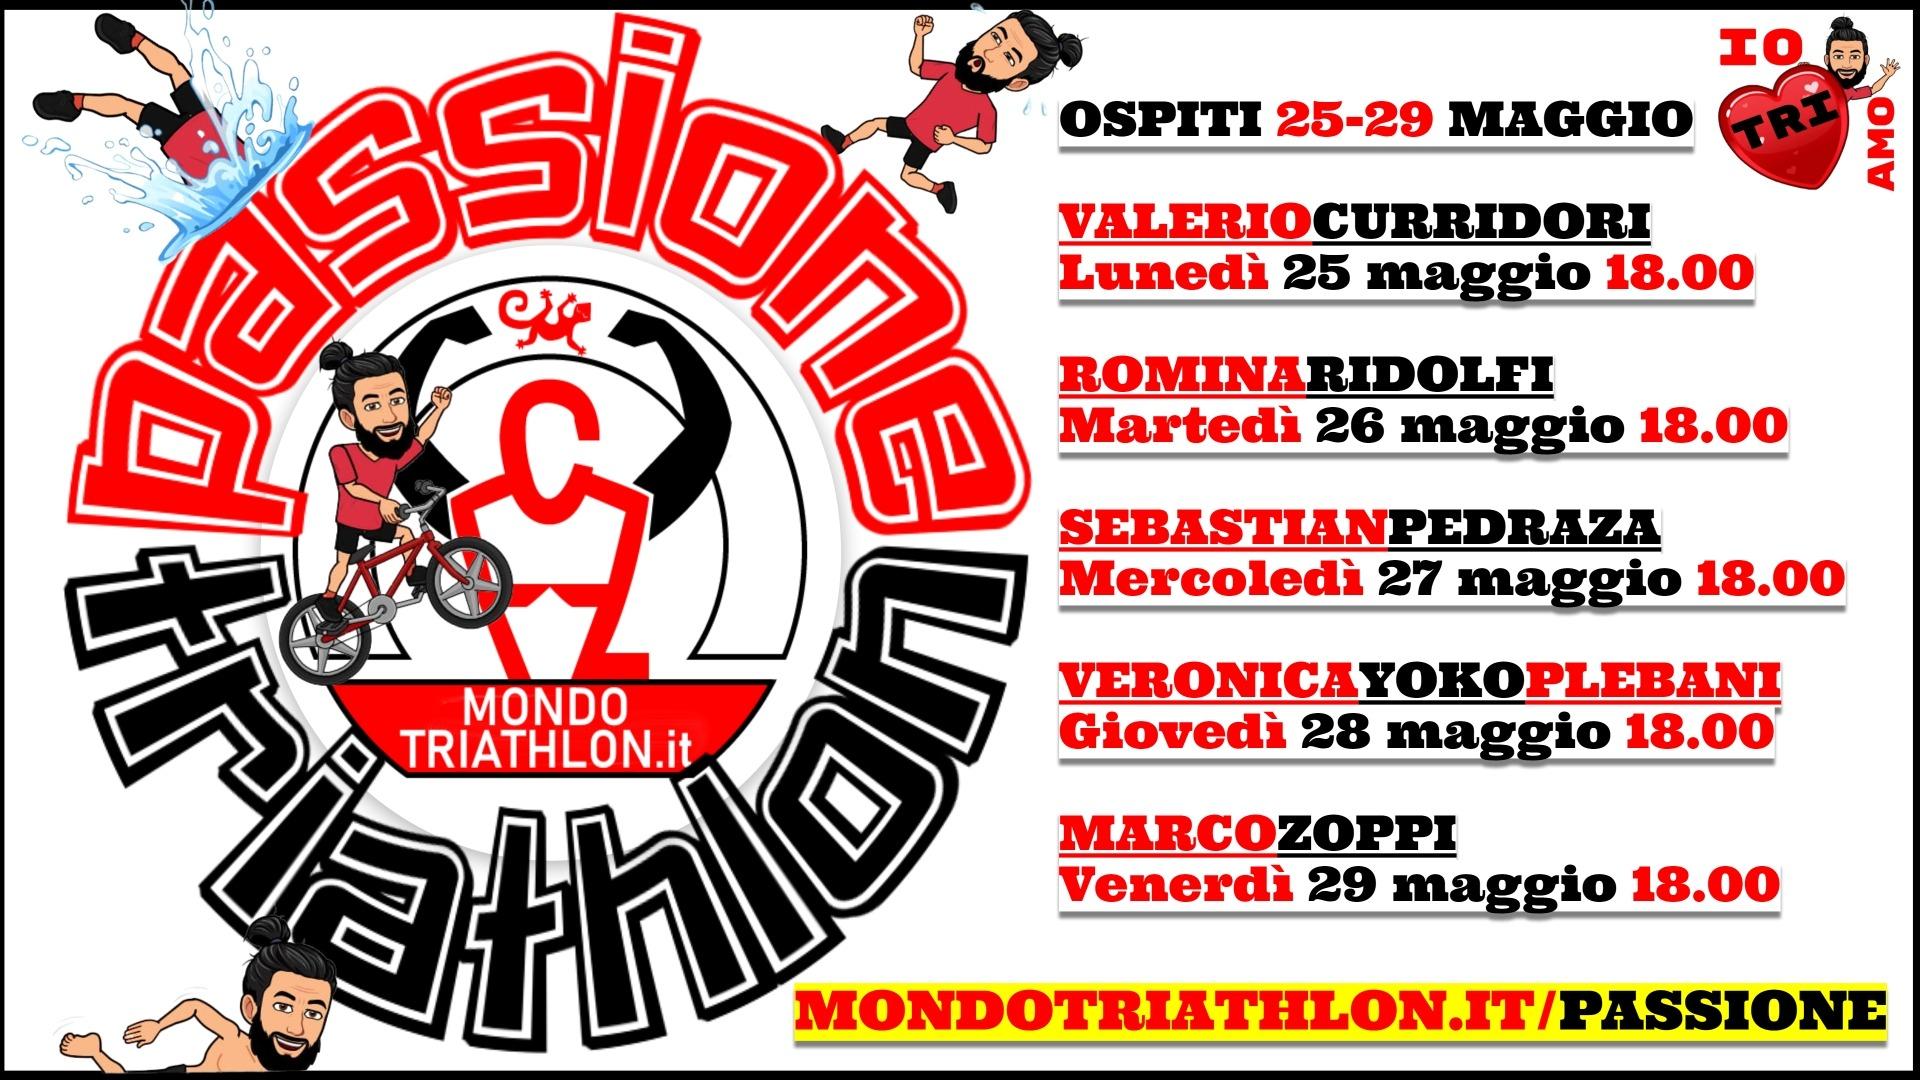 Passione Triathlon, il palinsesto dal 25 al 29 maggio 2020